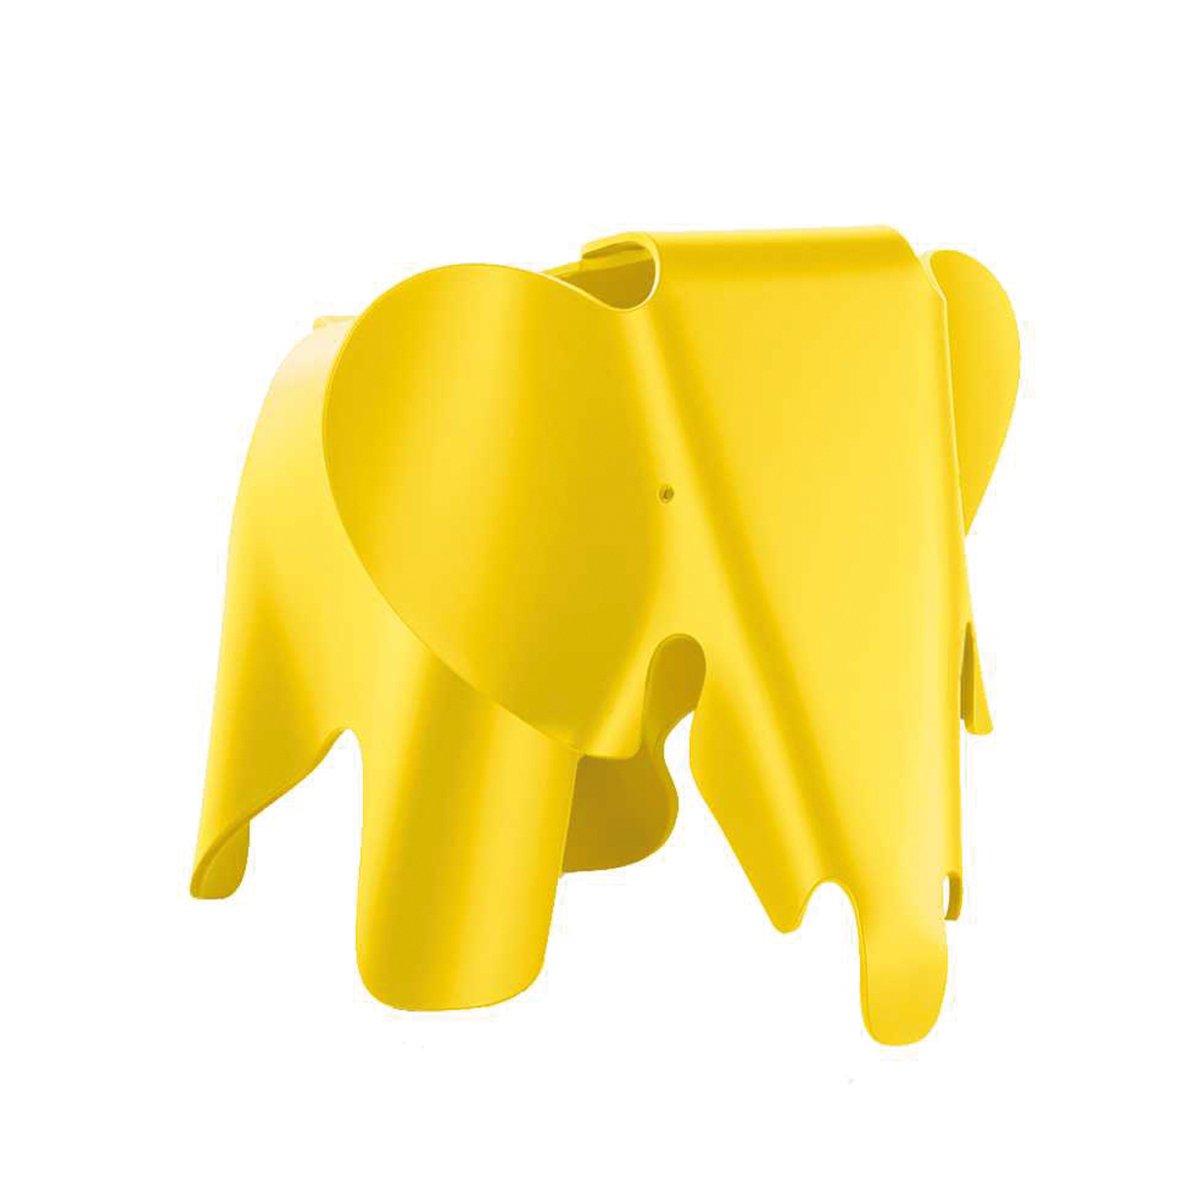 Vitra Eames Elephant Small Buttercup